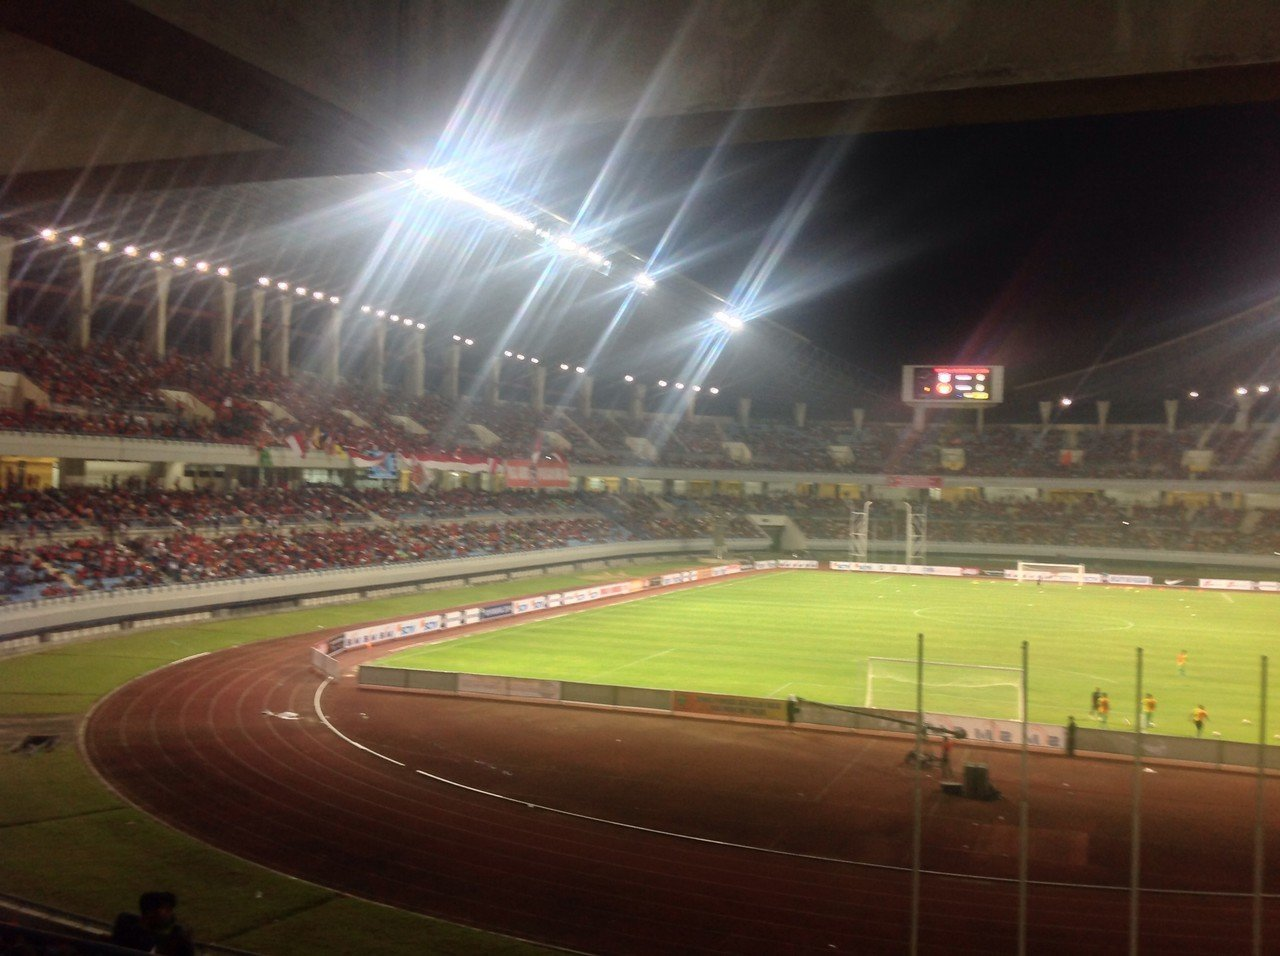 Mengenal Stadion Kebanggaan Samarinda Kaltim Palaran Kaskus Utama Kota